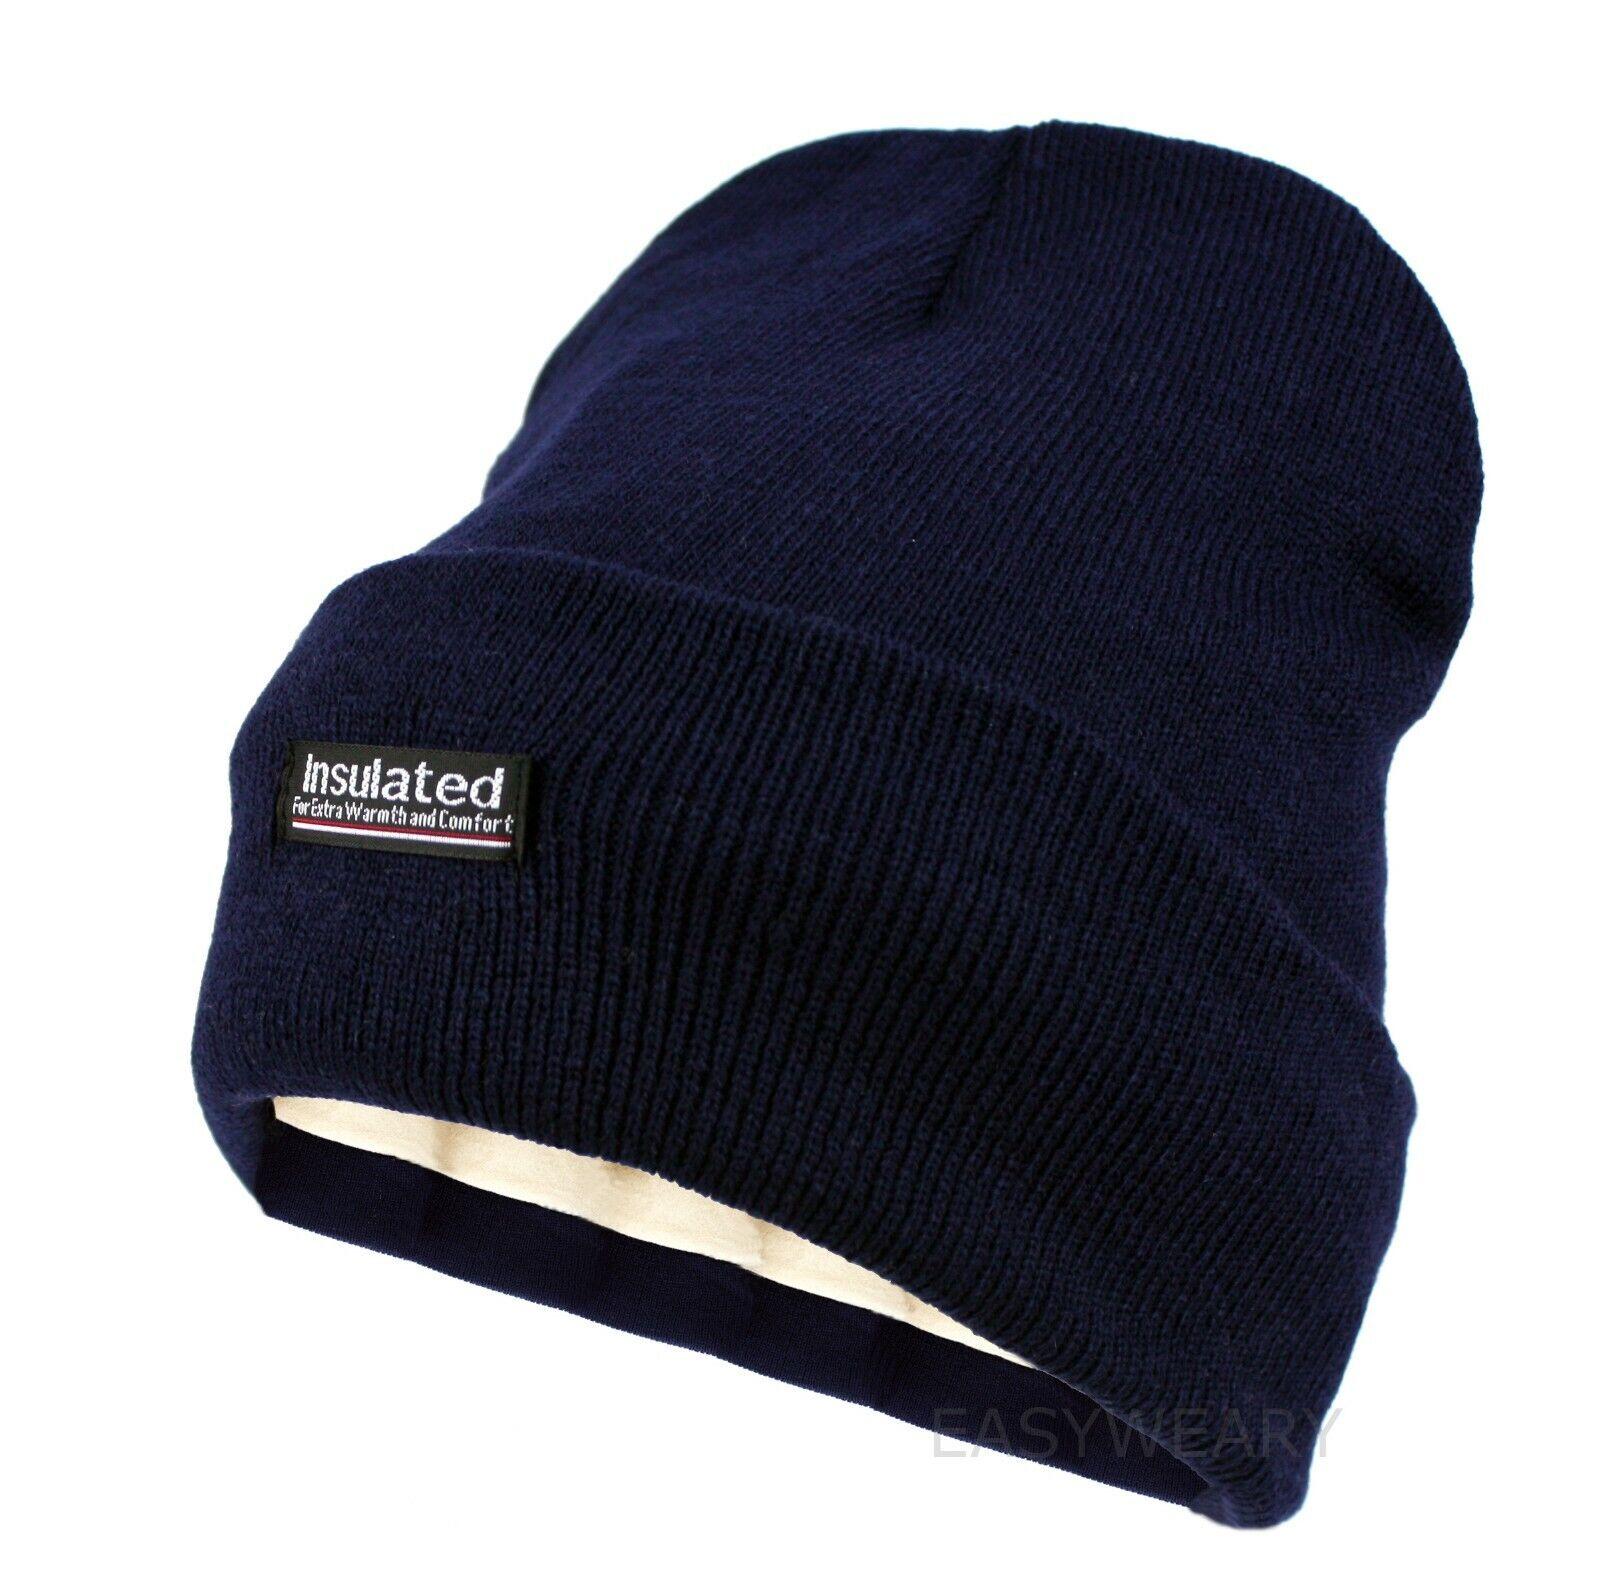 Men Knitted Visor Beanie Fleece Lined Cuff Winter Daily Newsboy Cap